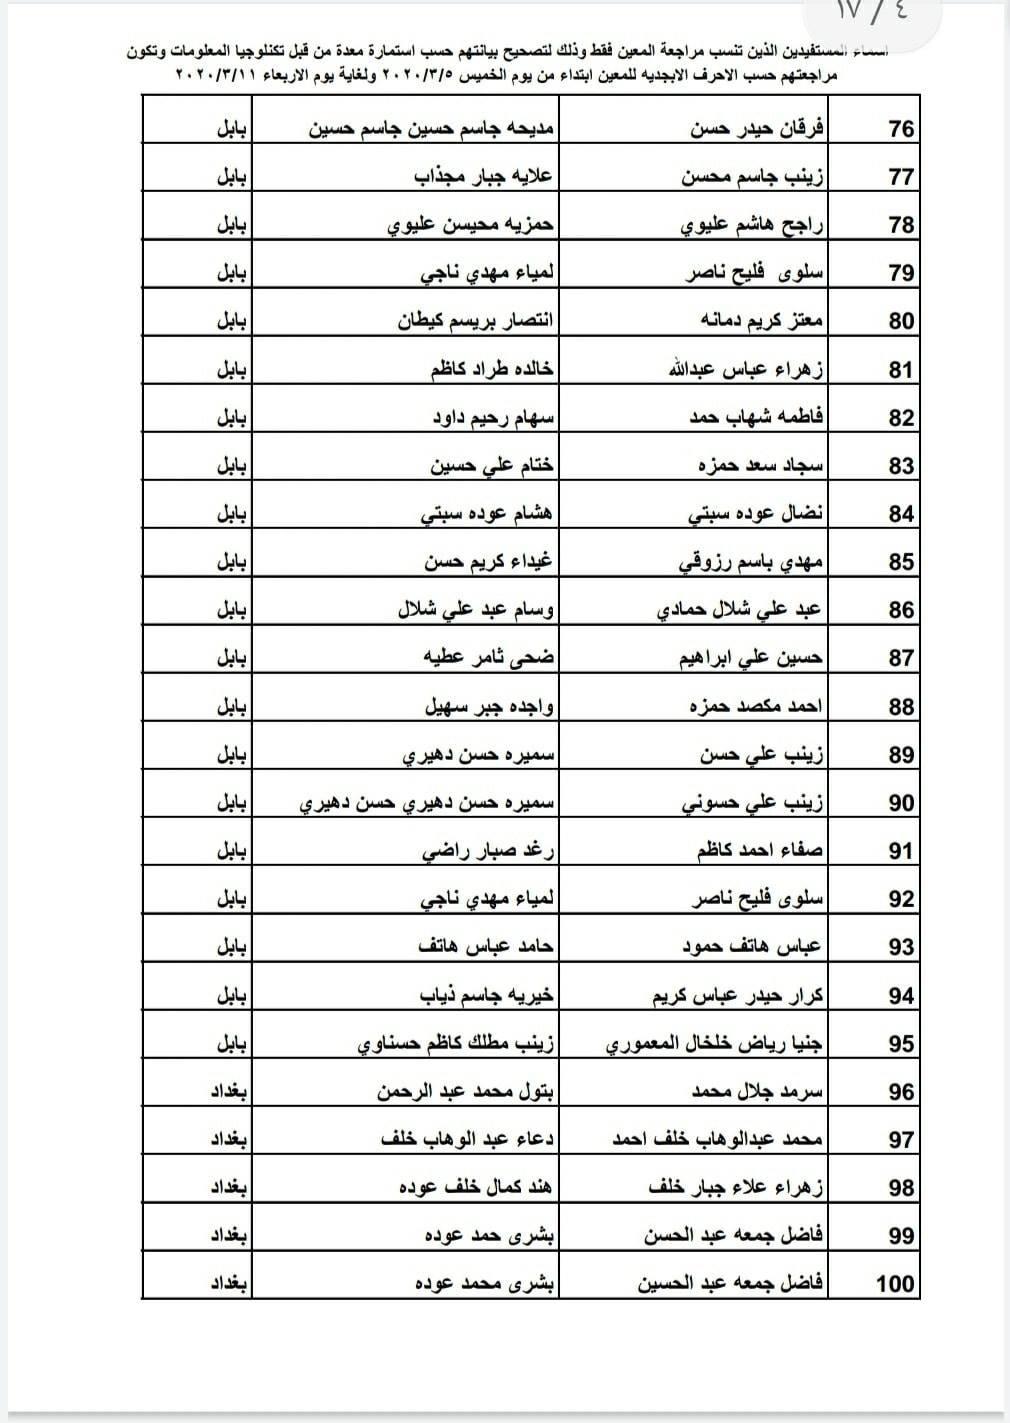 اسماء المقبولين في راتب المعين المتفرغ 2020 مواعيد الحضور 493